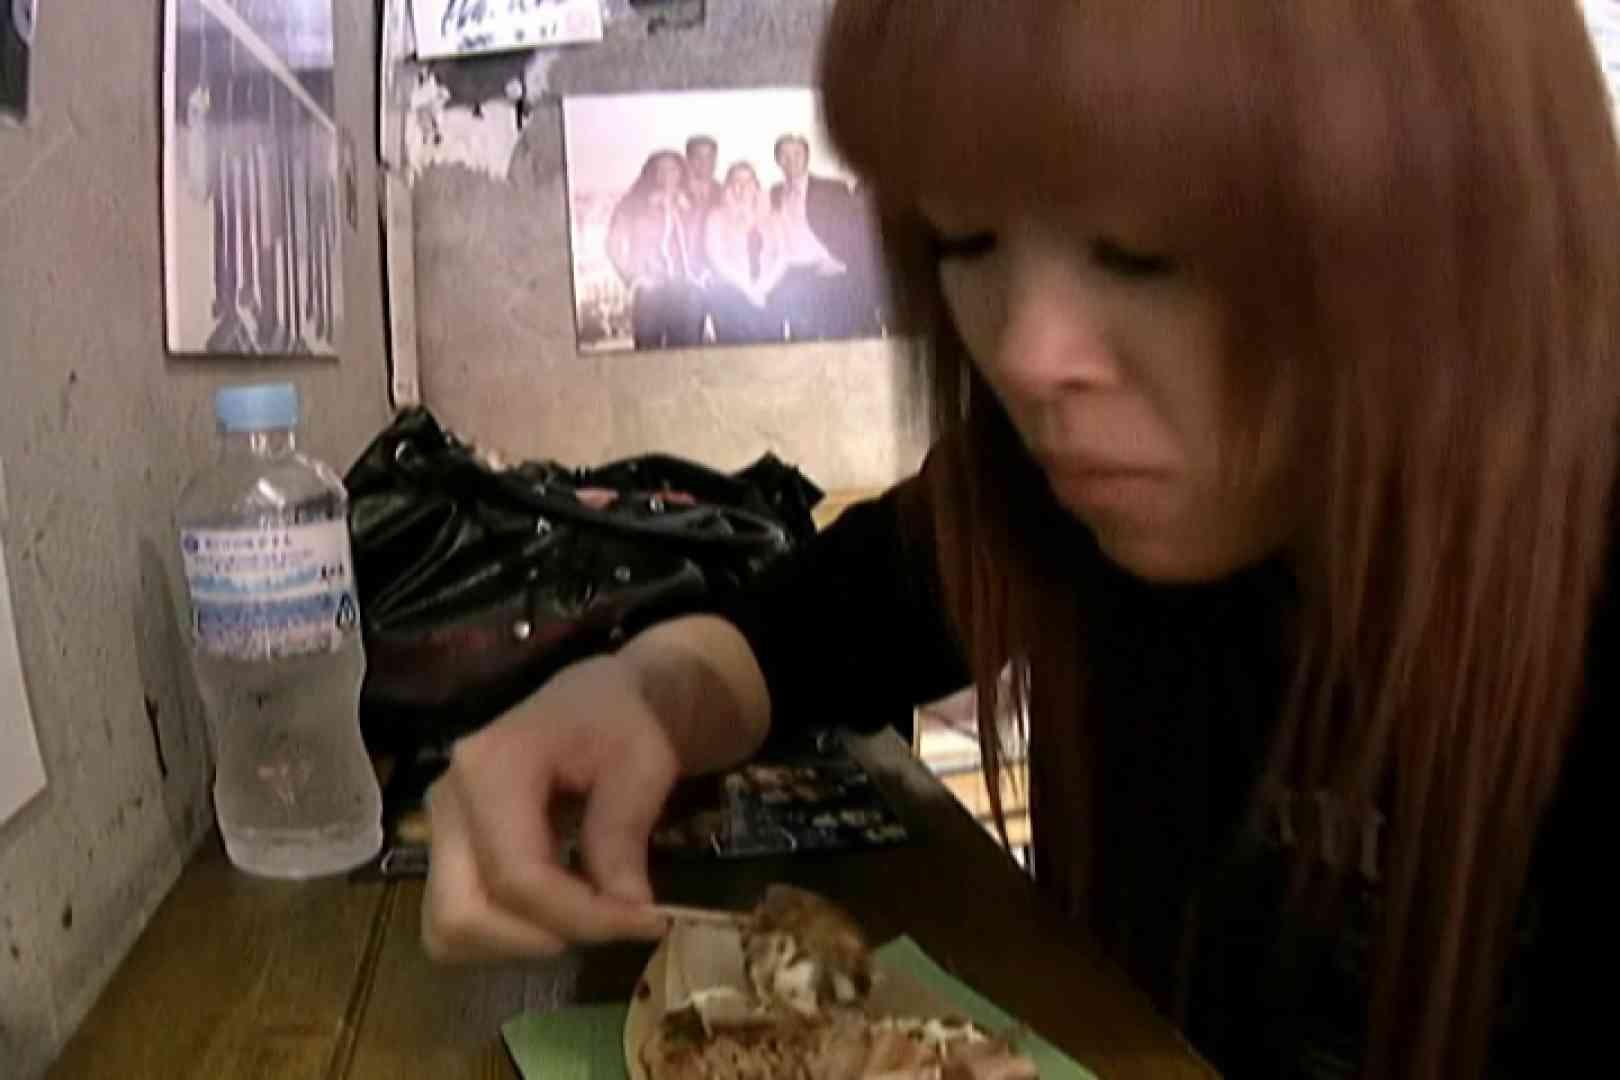 素人ナンパ本番撮り!出会い系でGET!Vol.08 OLすけべ画像 おまんこ無修正動画無料 88連発 44